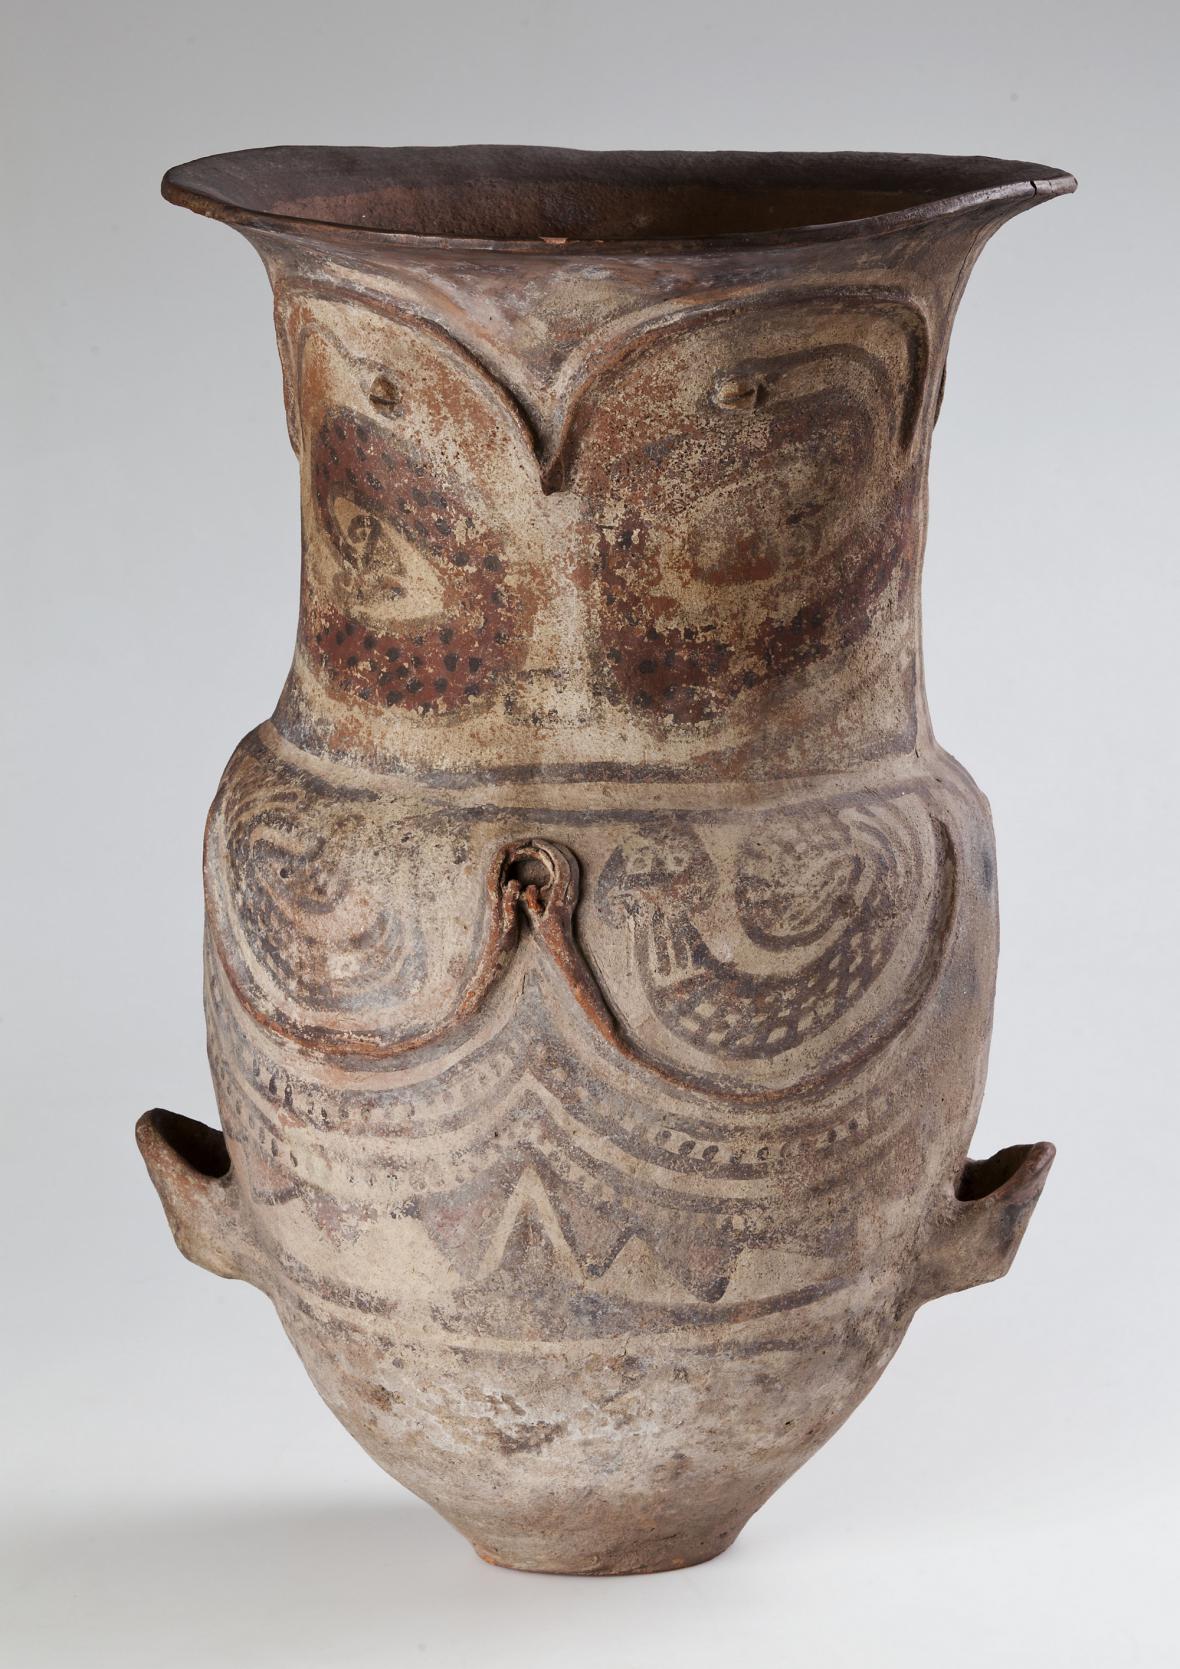 cukrová mumie z roku ghana